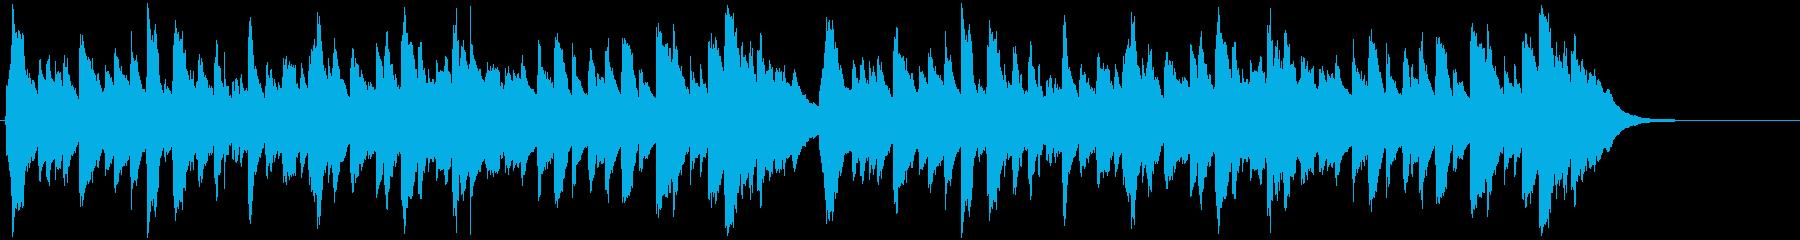 童謡【かたつむり】のアレンジ/ピアノソロの再生済みの波形